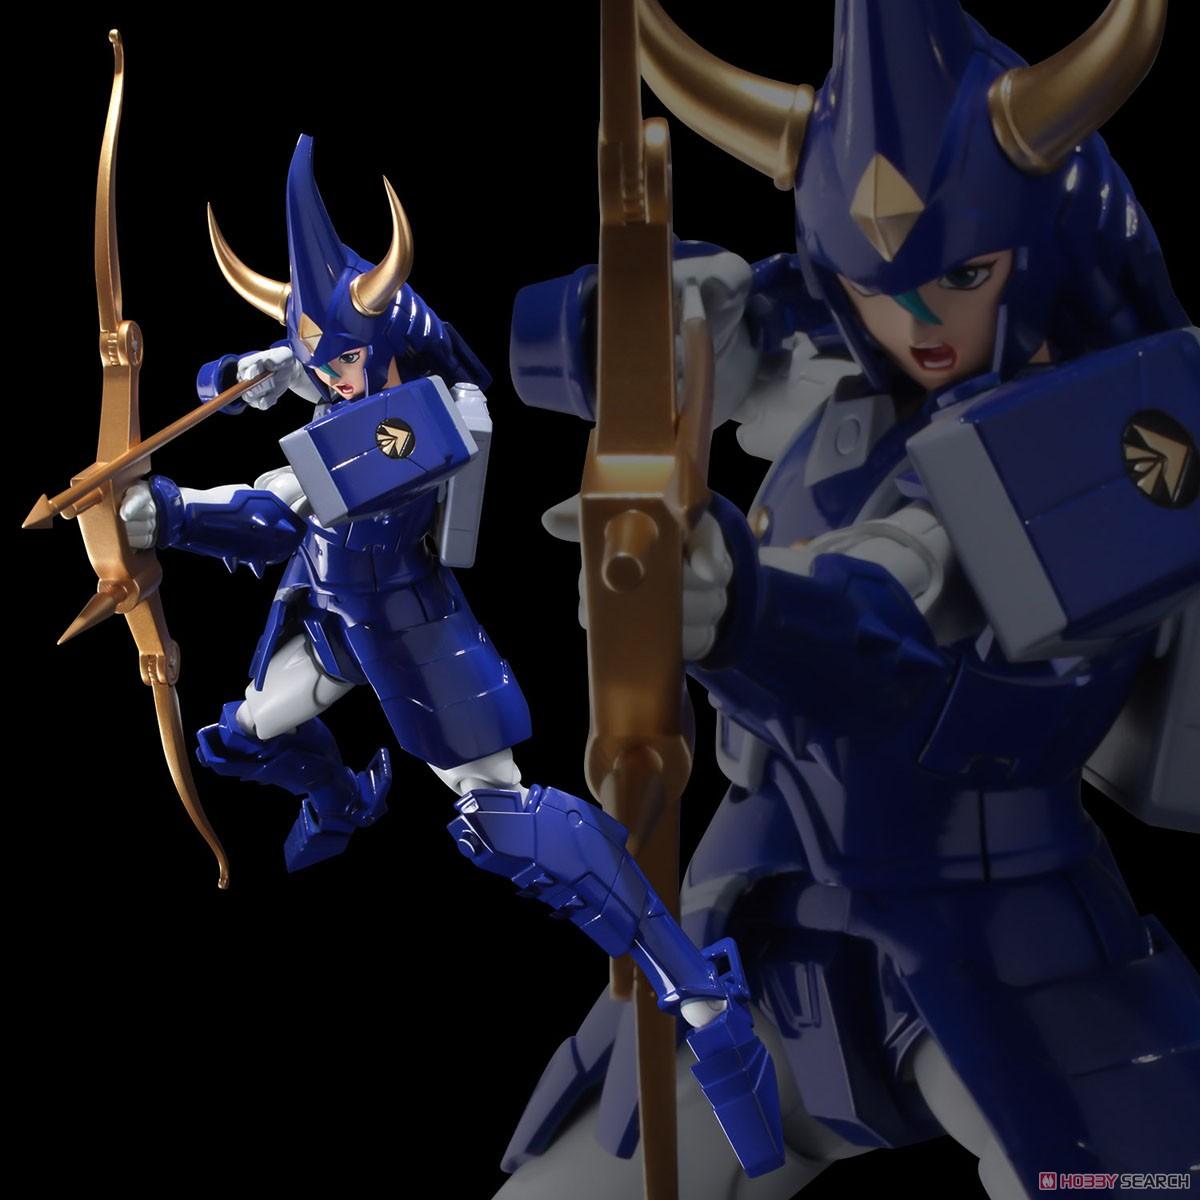 超弾可動『天空のトウマ』鎧伝サムライトルーパー 可動フィギュア-014